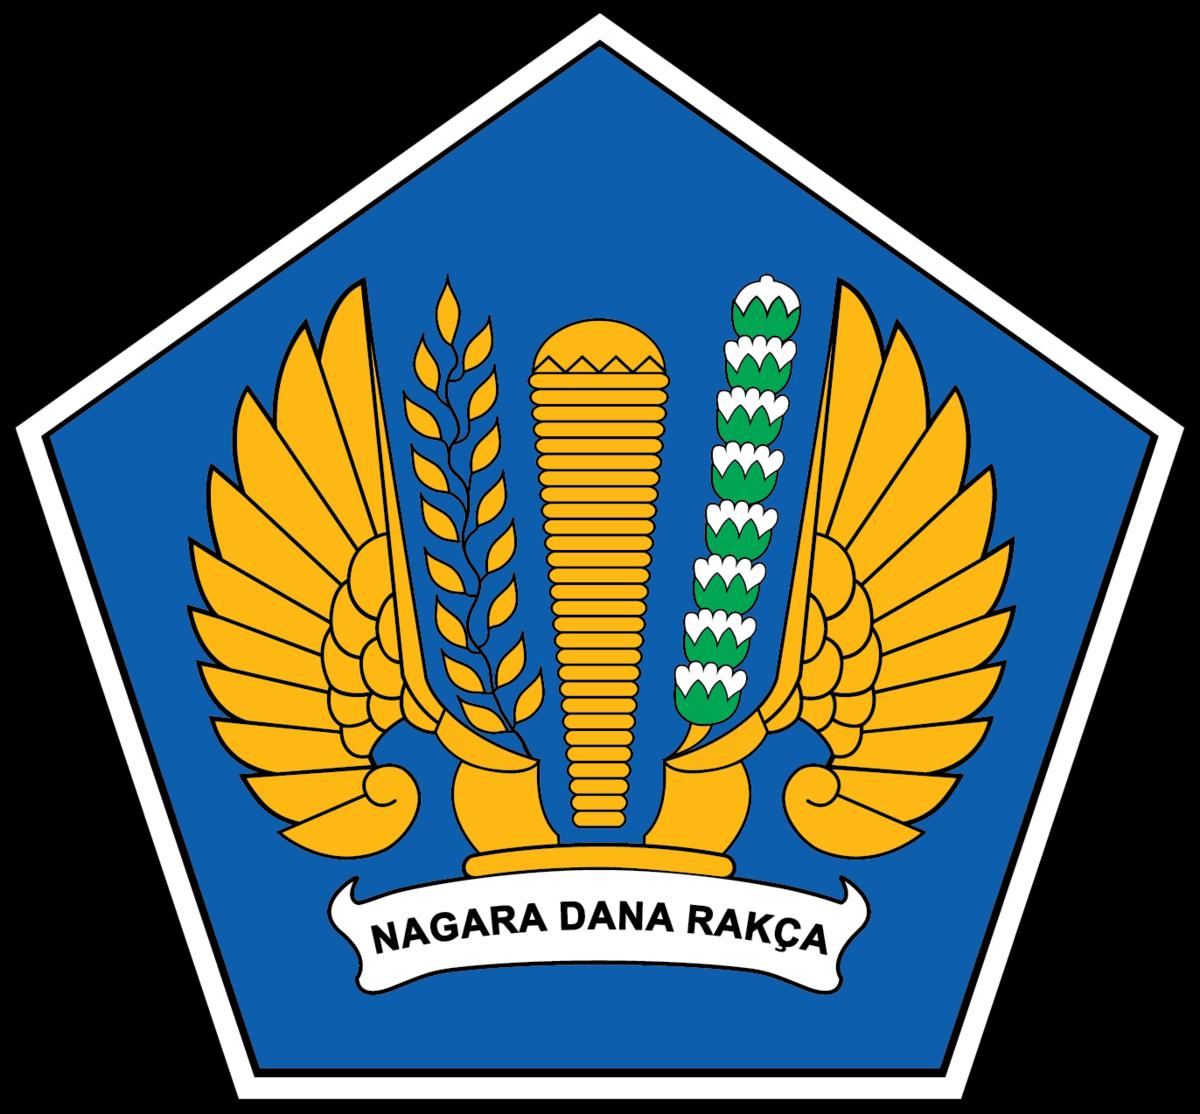 Direktorat Jenderal Perbendaharaan - Wikipedia bahasa ...